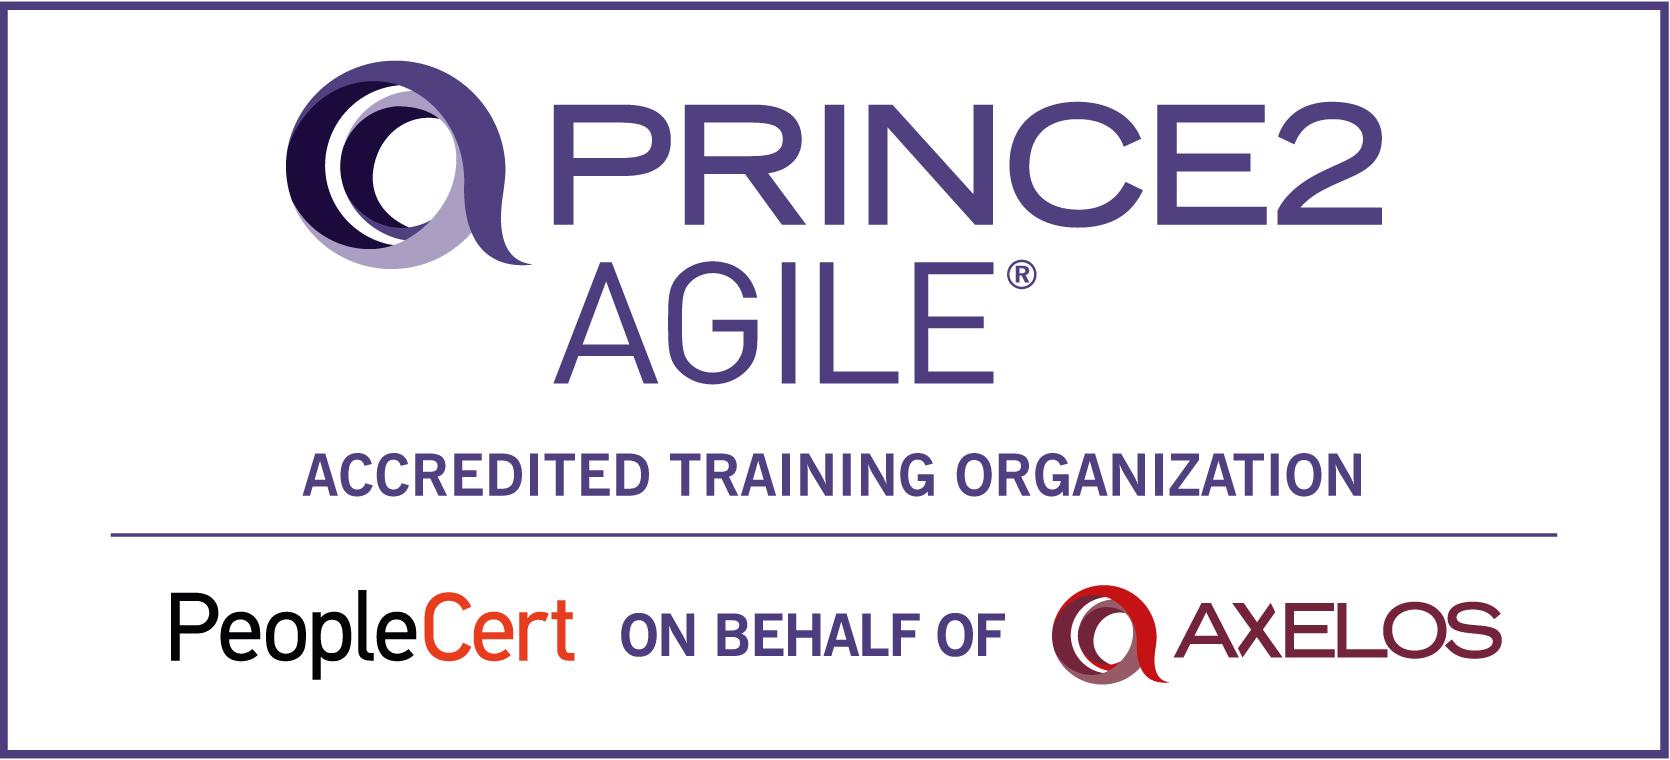 PRINCE2 Agile certification